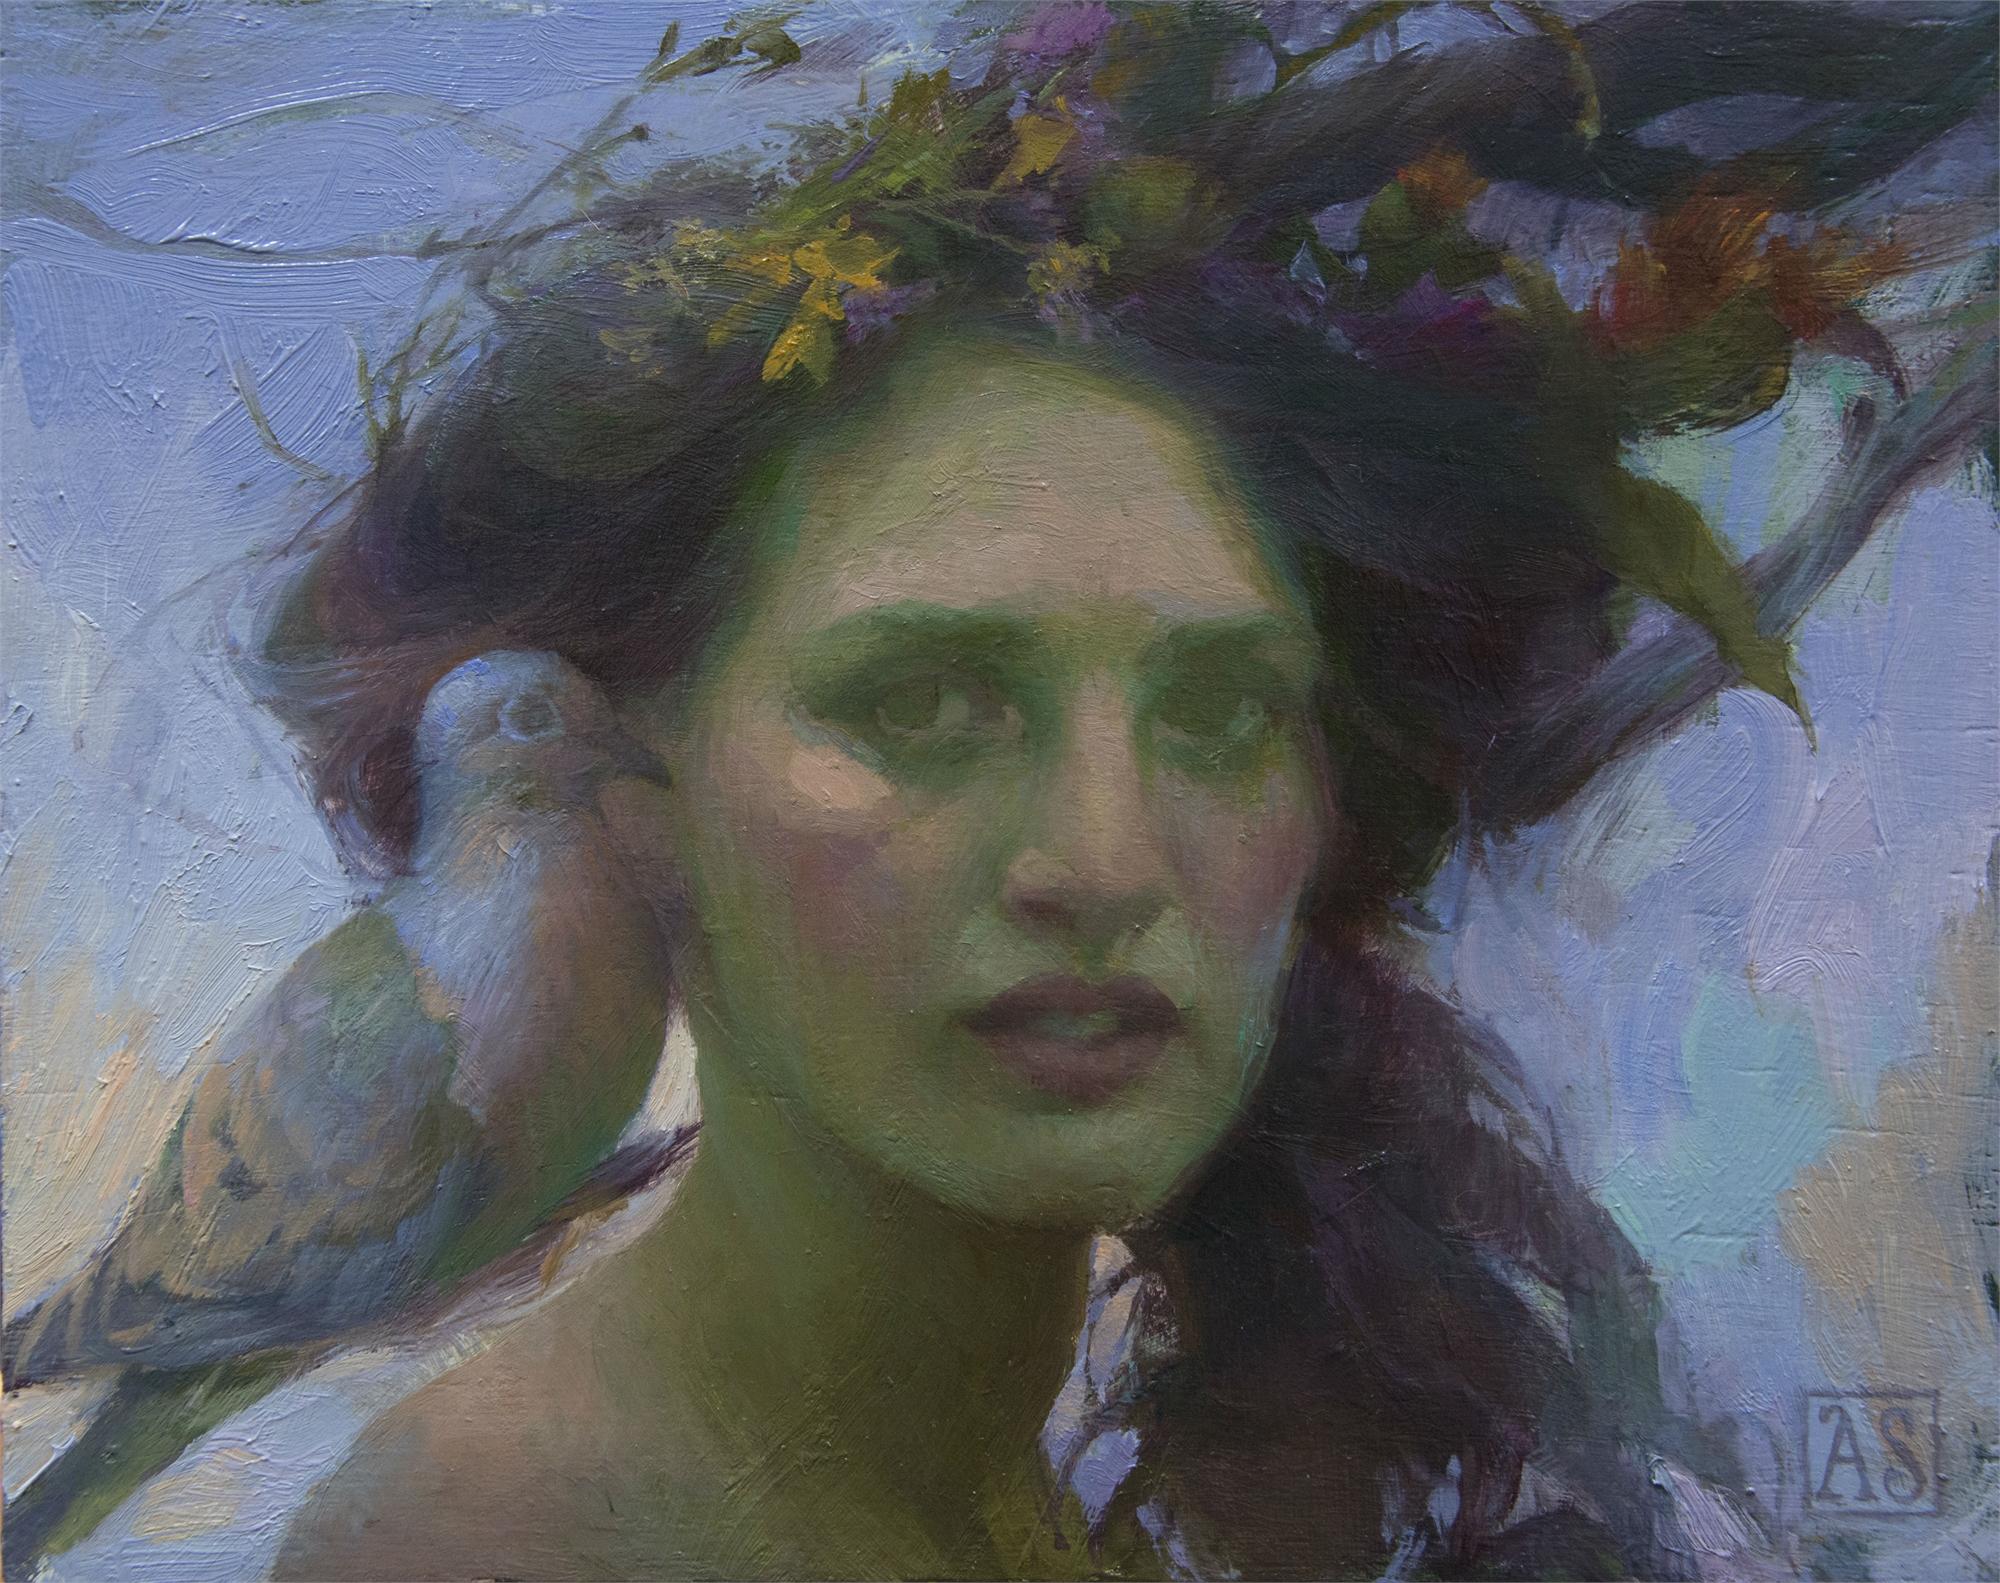 Rain Dove by Adrienne Stein